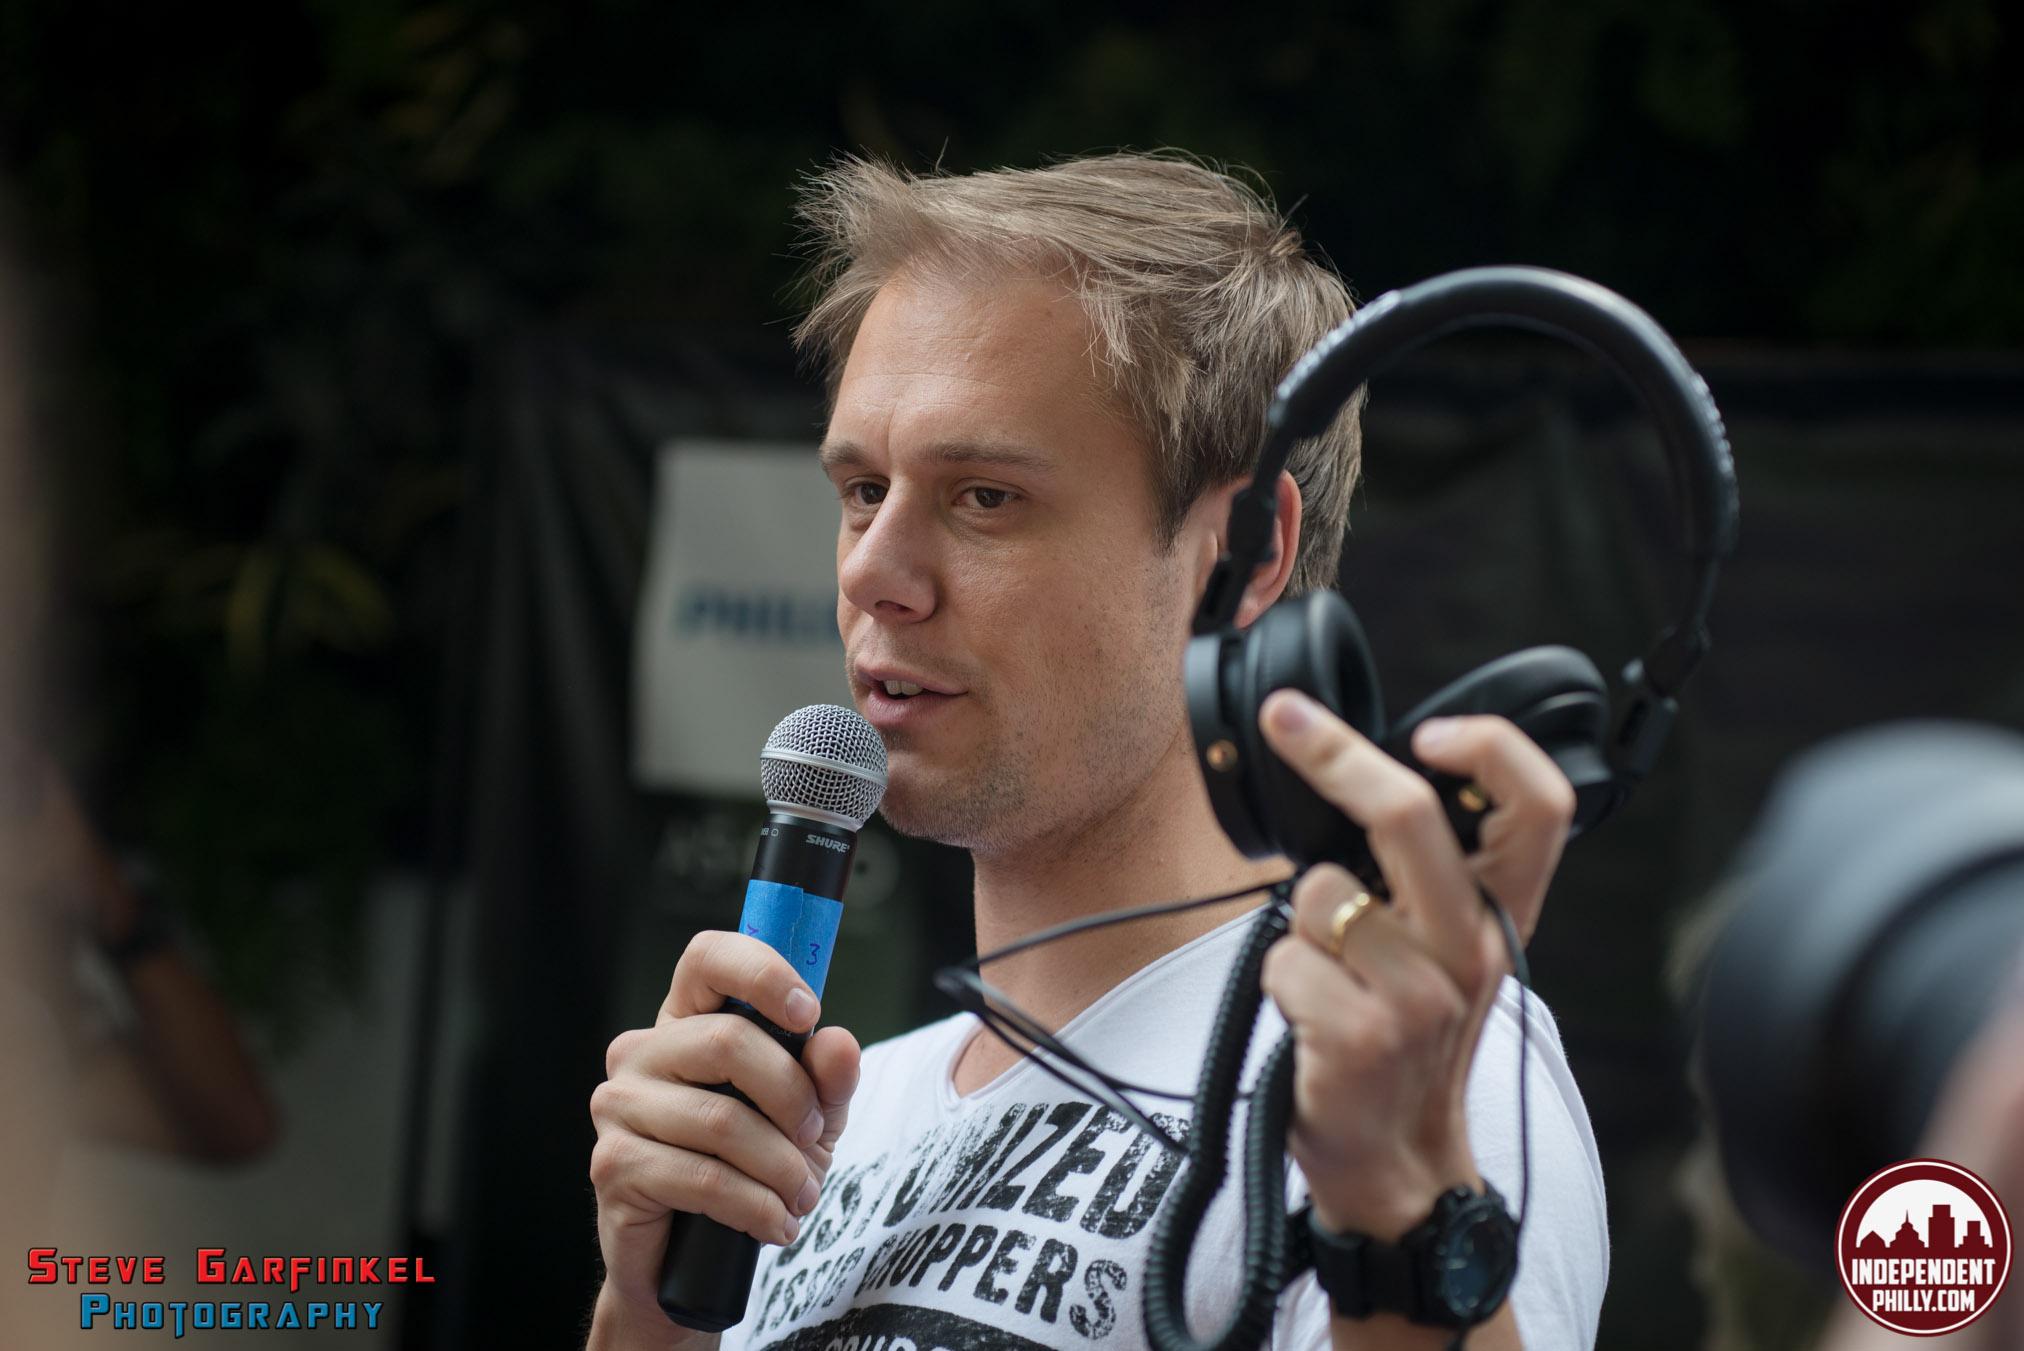 Armin-5